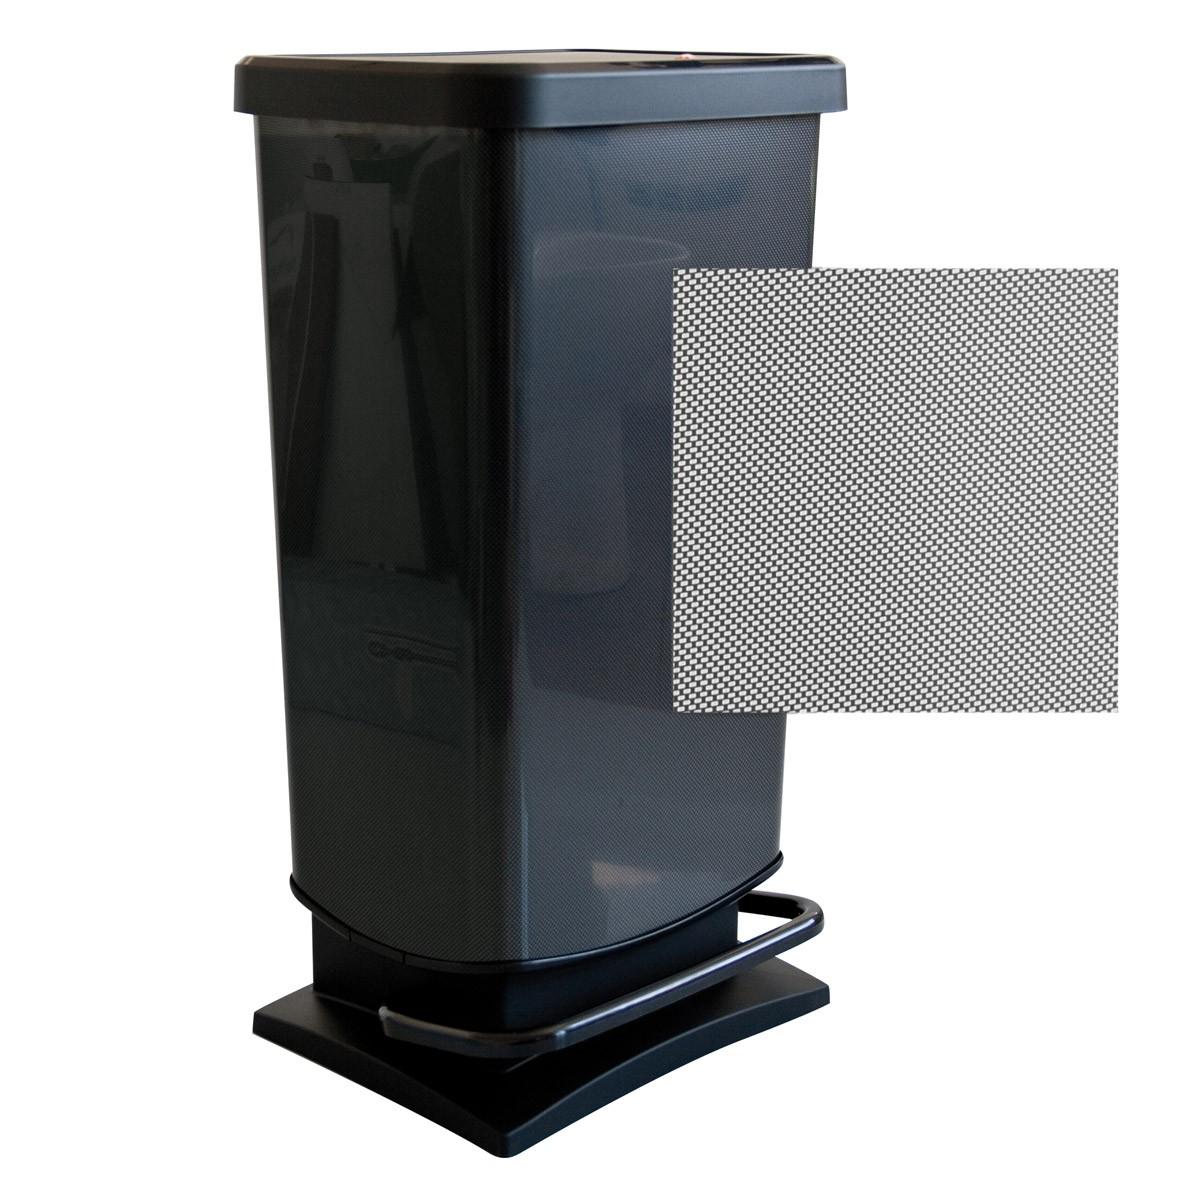 Κάδος Απορριμμάτων Rotho 40Lit 06904.001 Paso Μαύρο